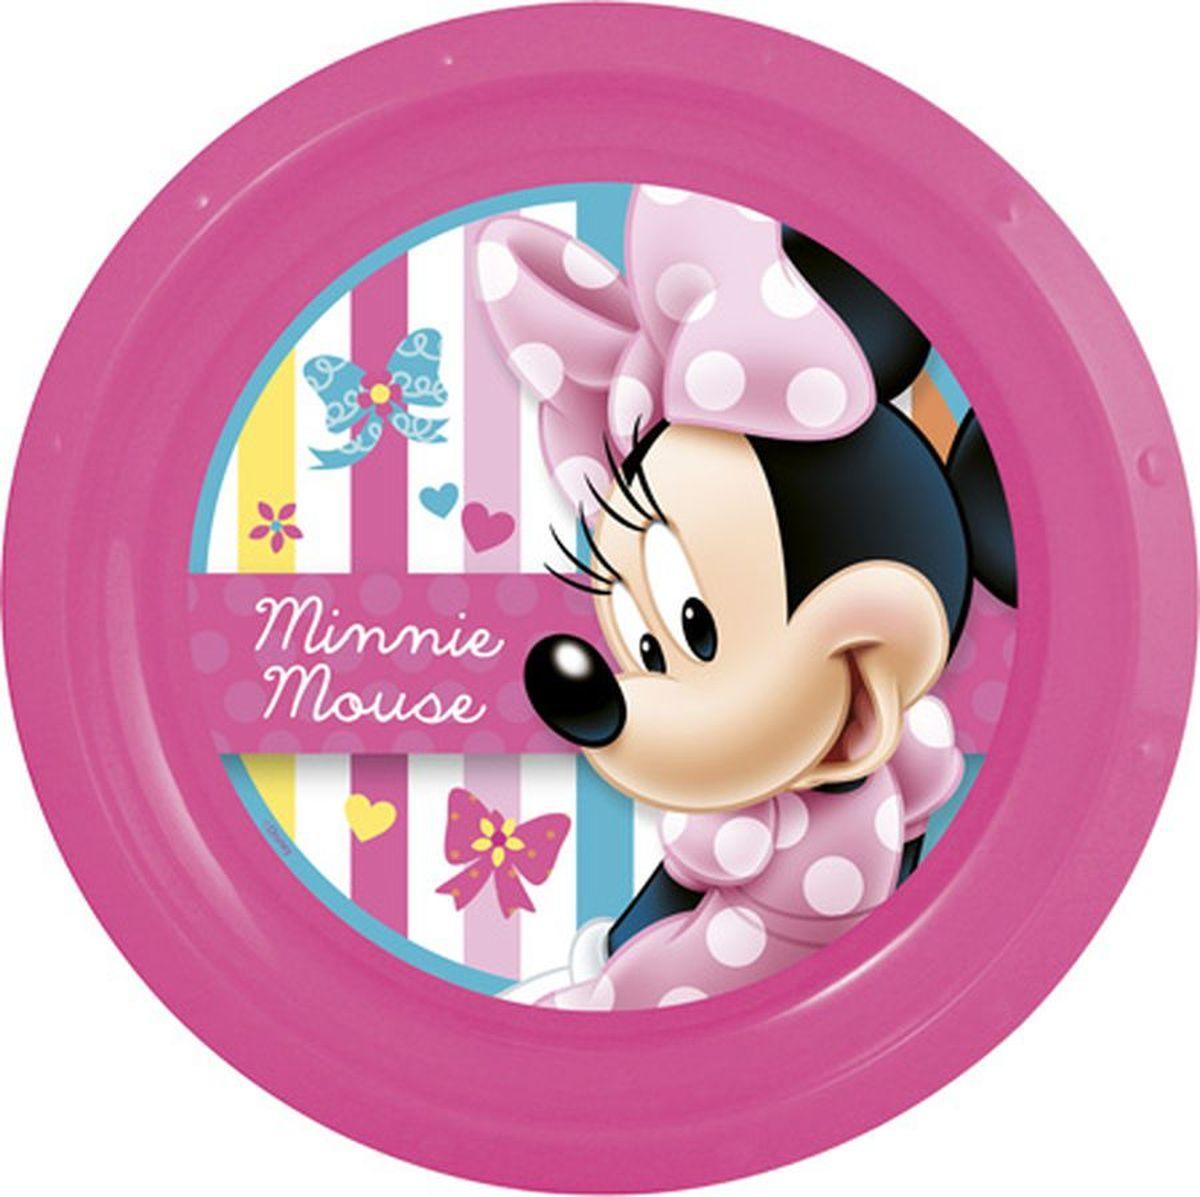 """Яркая тарелка """"Disney"""" превратит процесс кормления вашего малыша в веселую игру. Дно оформлено изображением забавной мышки Минни.  Ваш ребенок будет кушать с большим удовольствием, стараясь быстрее добраться до картинки."""